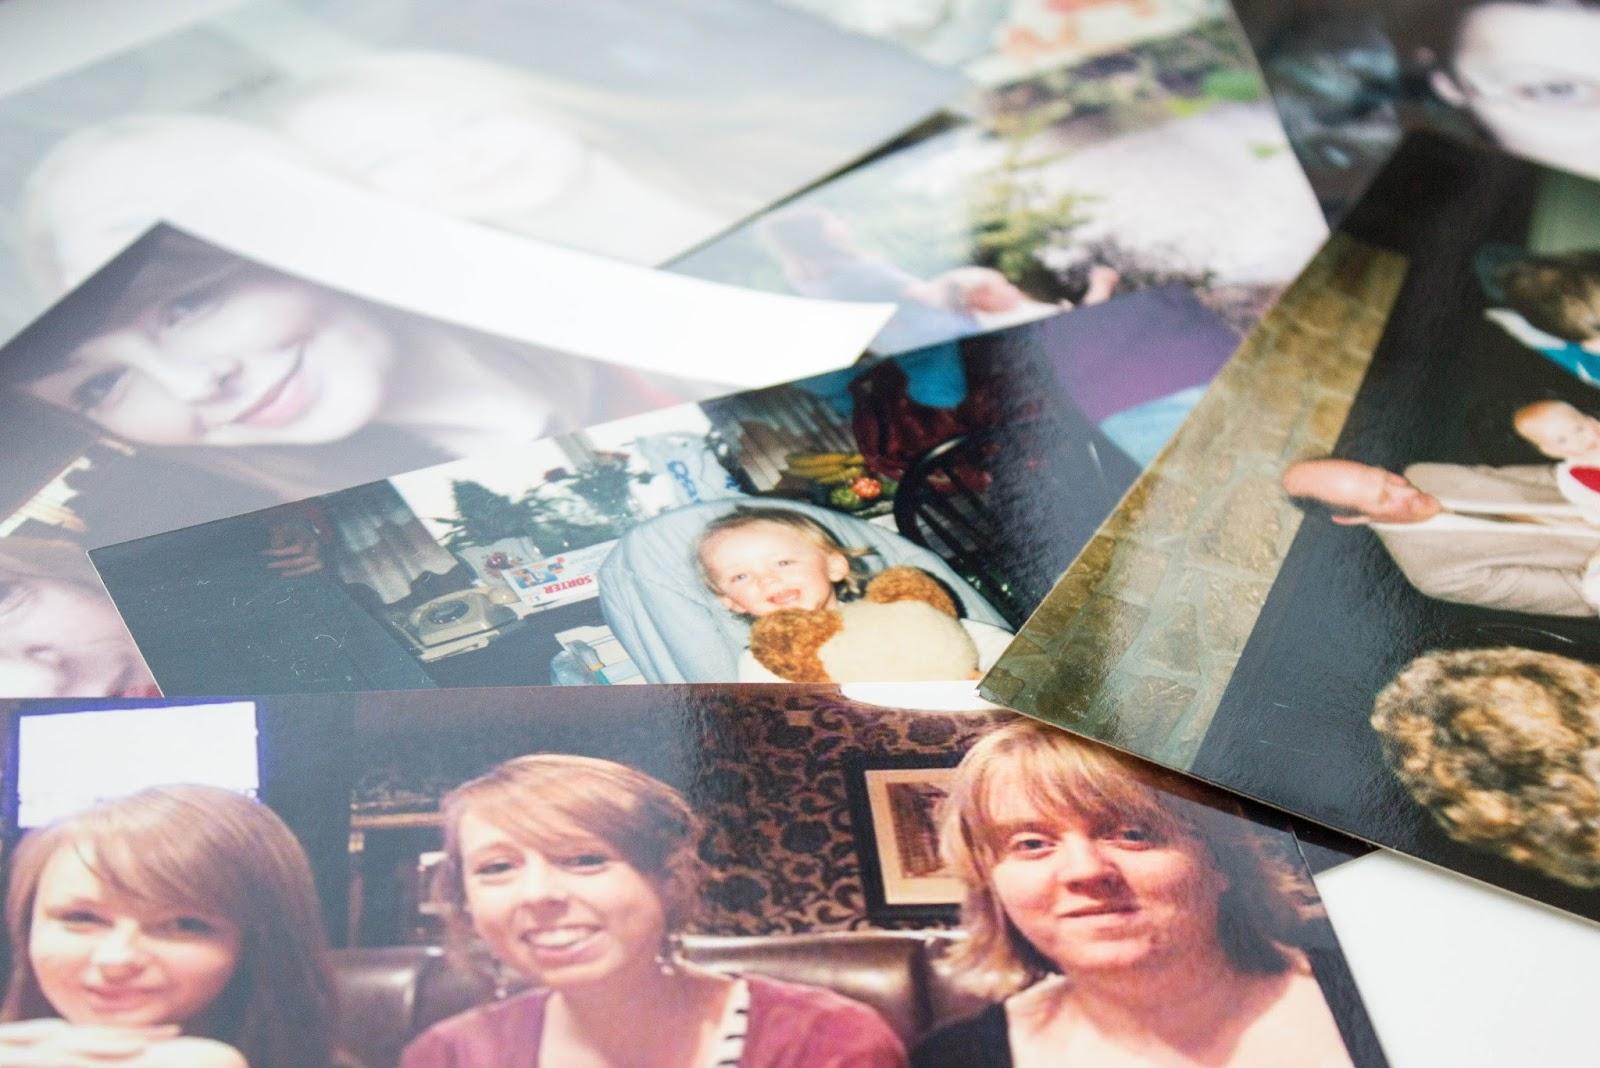 Photo collage, Old photos, traditional photos, Katie Writes,